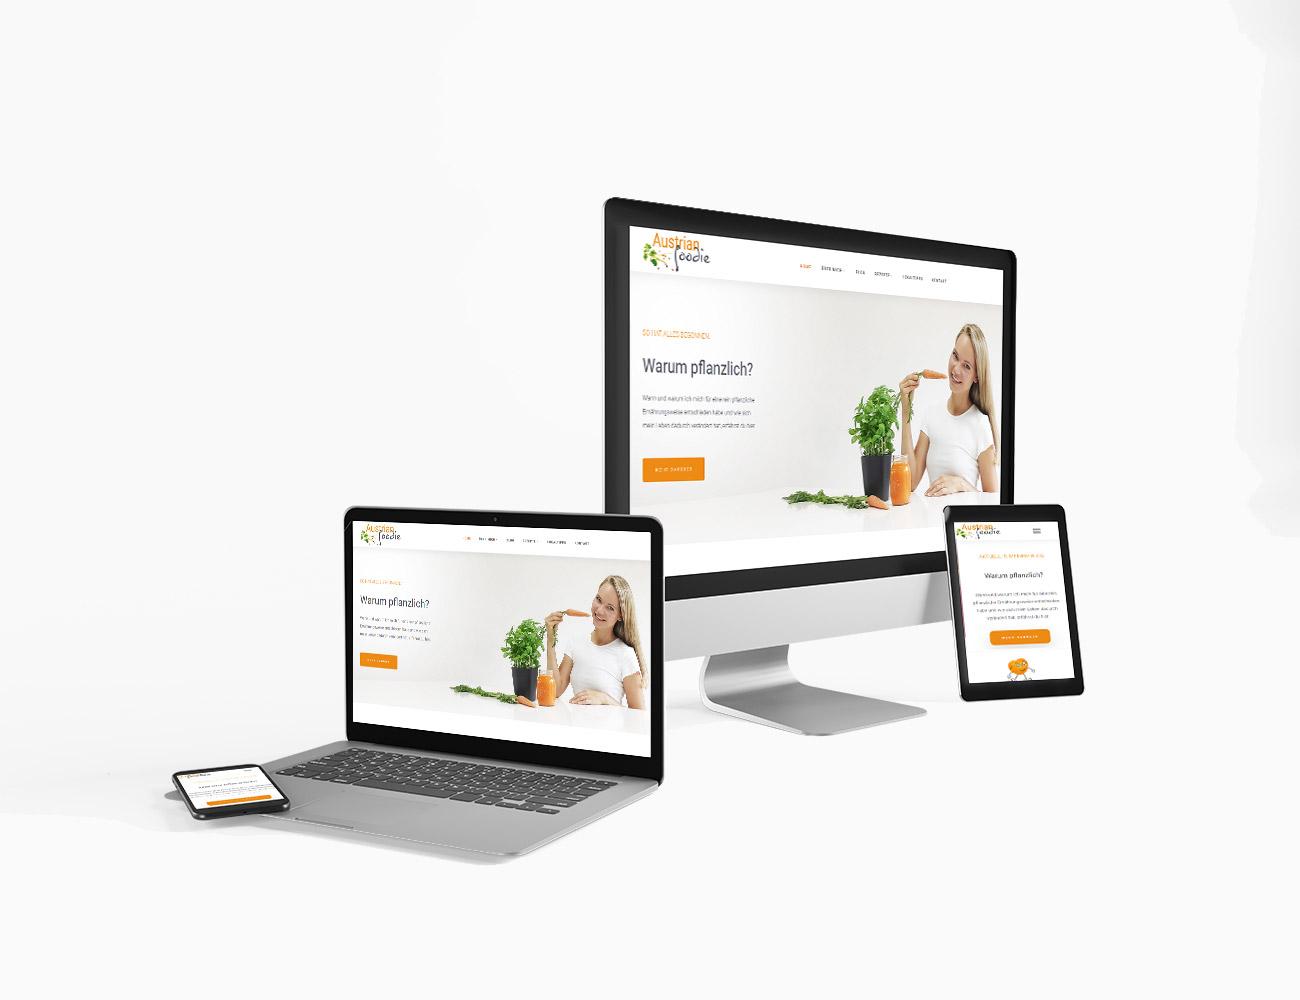 Die Webseite von Austrian foodie ist online | webundwerbung.at